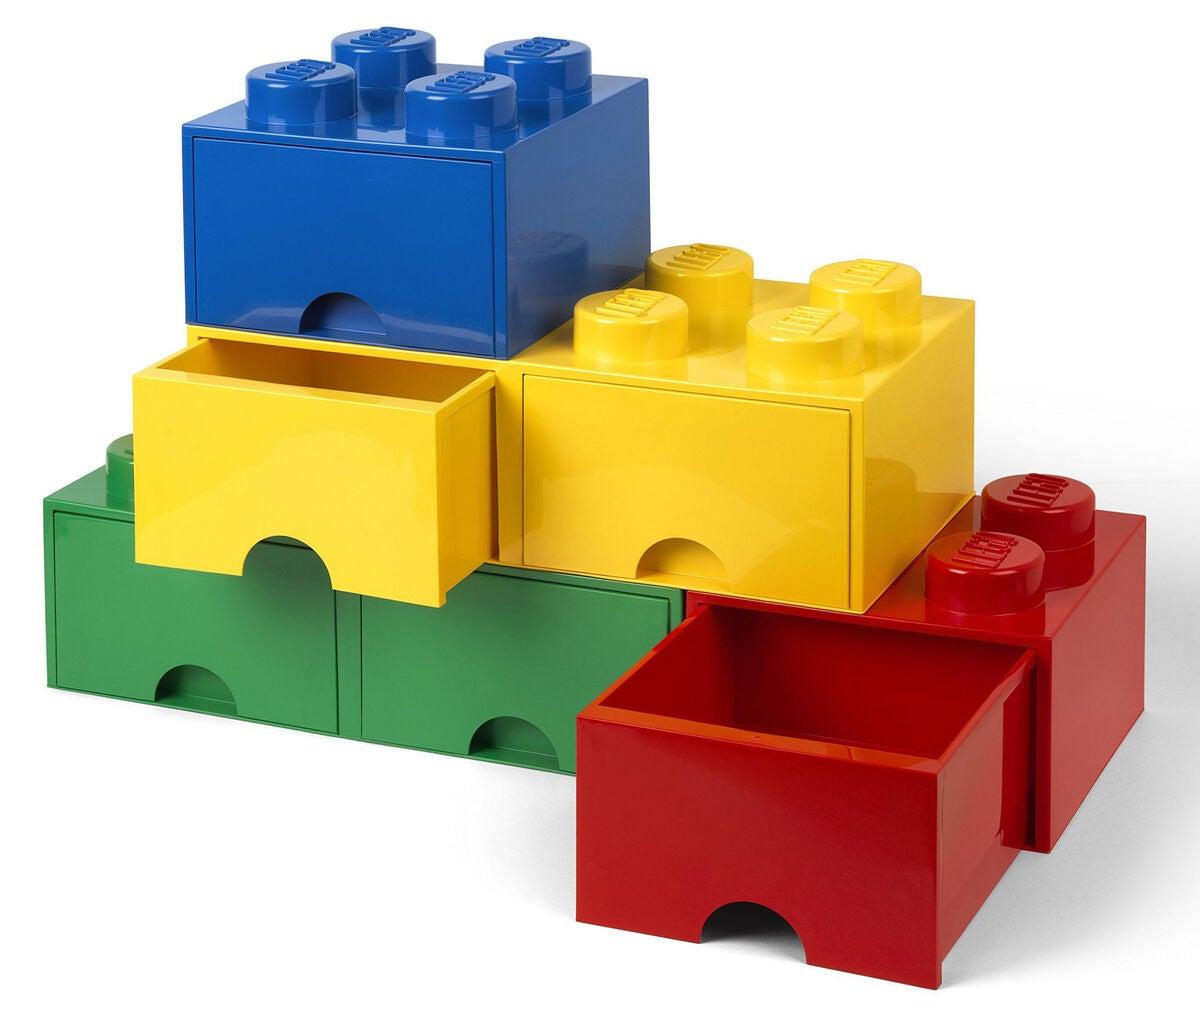 kaufen lego aufbewahrungsbox mit schublade 4 blau jollyroom. Black Bedroom Furniture Sets. Home Design Ideas